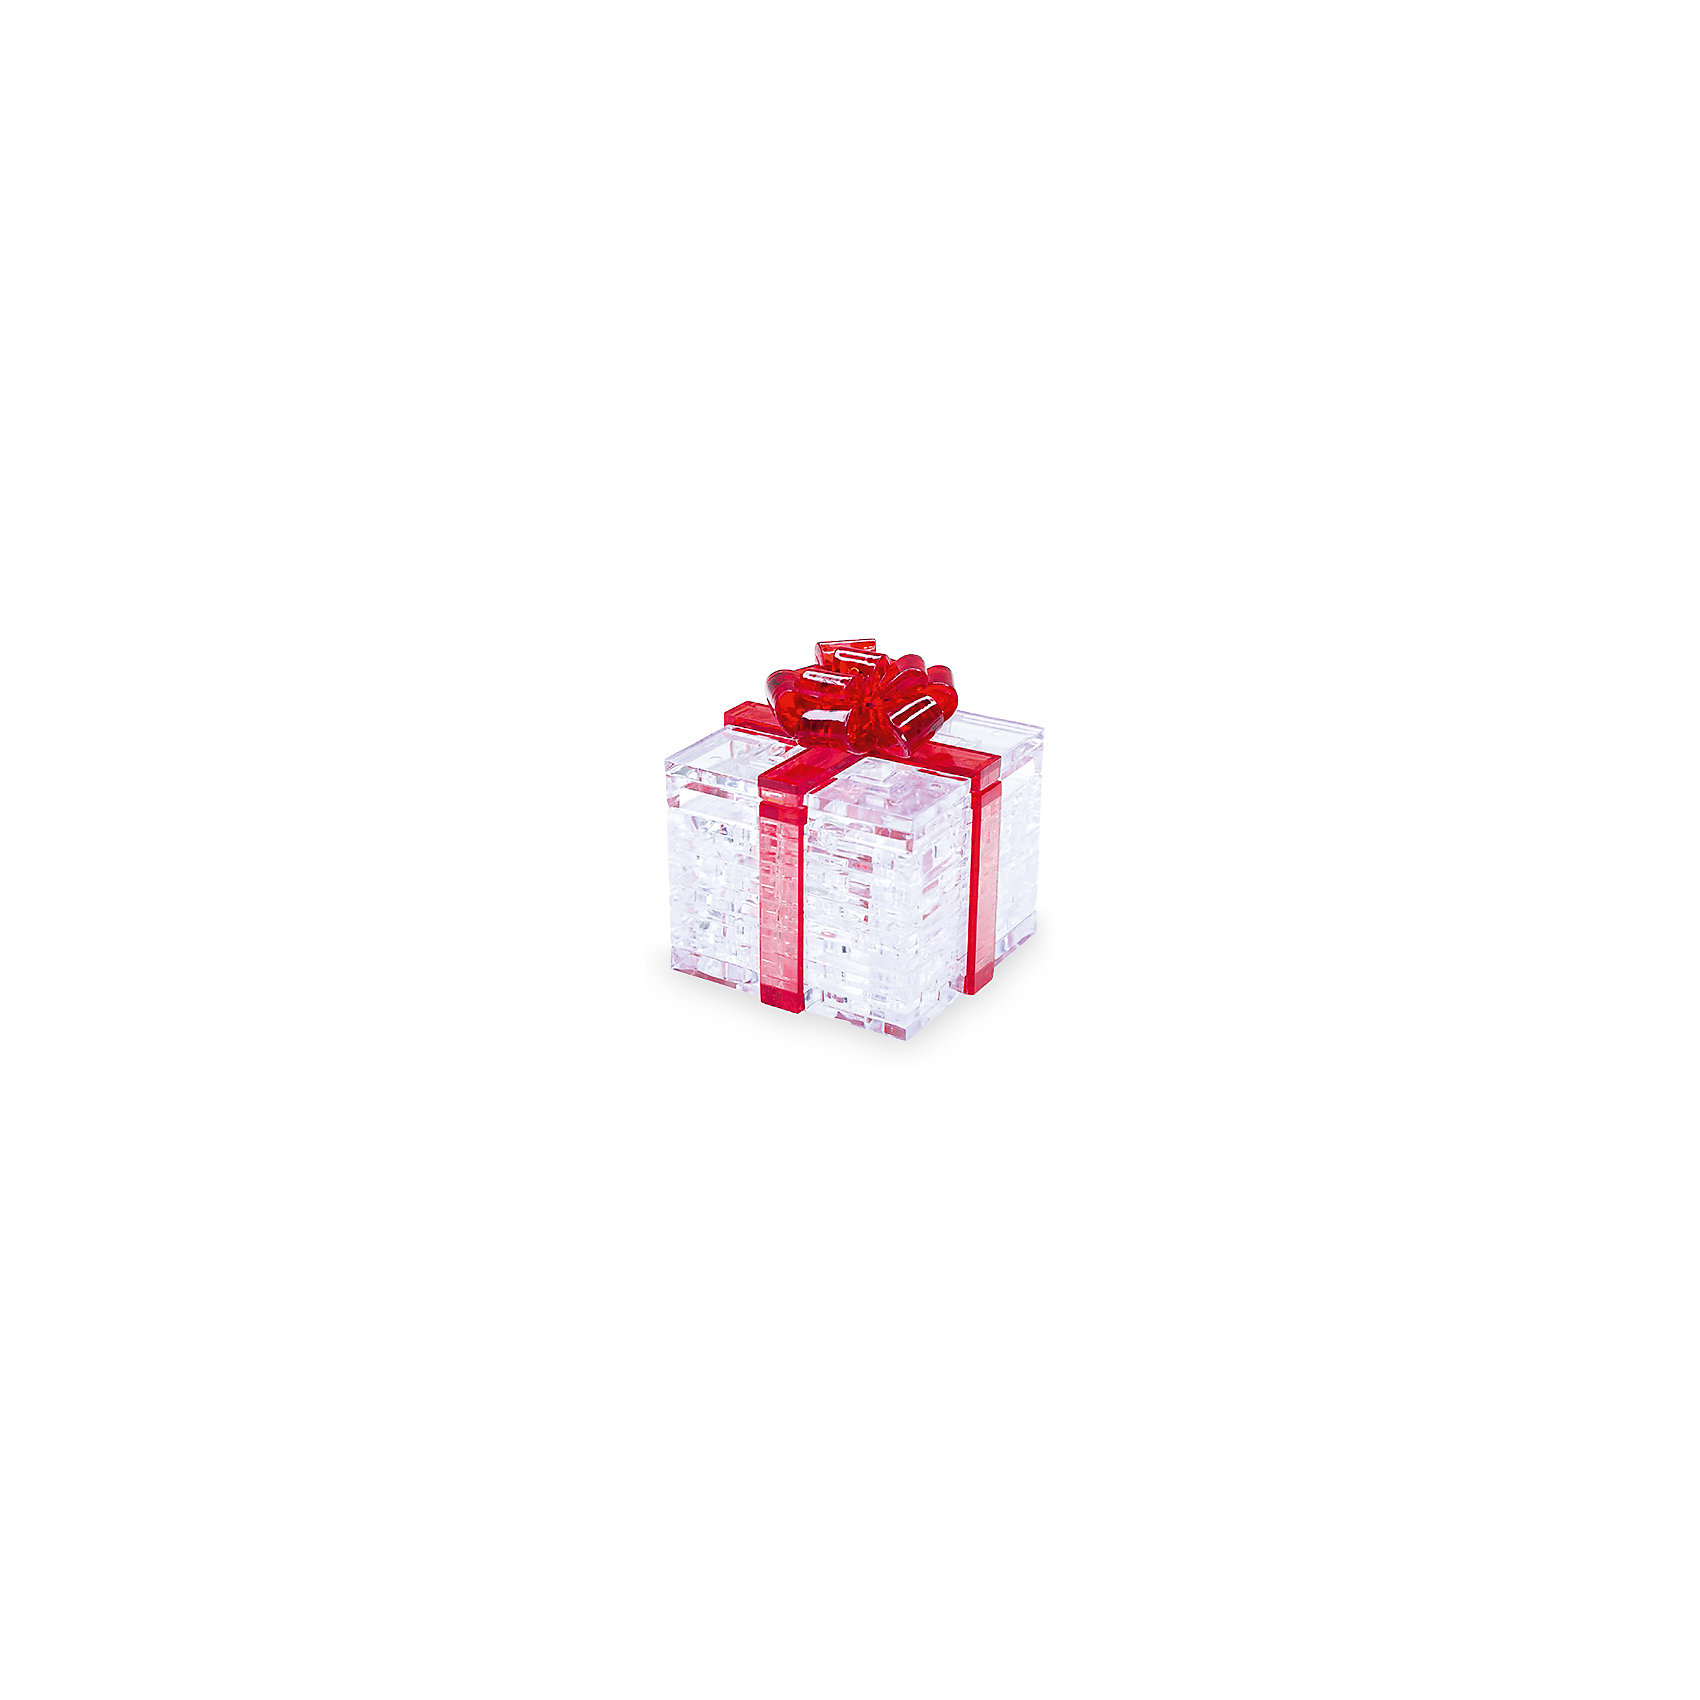 Кристаллический пазл 3D Подарок, Crystal PuzzleКристаллический пазл 3D Подарок, Crystal Puzzle (Кристал Пазл)<br><br>Характеристики:<br><br>• яркий объемный пазл<br>• размер готовой фигурки: 8 см<br>• количество деталей: 38<br>• высокая сложность<br>• размер упаковки: 5х14х10 см<br>• вес: 217 грамм<br>• материал: пластик<br><br>Собирание пазлов - отличный вариант для тех, кто хочет провести время с пользой. В набор Подарок входят 38 деталей, собрав которые вы сделаете маленькую шкатулку в виде сверкающей подарочной коробки с бантом. Крышка шкатулки открывается. Готовая фигурка отлично подойдет для хранения бижутерии и различных безделушек.<br><br>Кристаллический пазл 3D Подарок, Crystal Puzzle (Кристал Пазл) вы можете купить в нашем интернет-магазине.<br><br>Ширина мм: 100<br>Глубина мм: 140<br>Высота мм: 50<br>Вес г: 217<br>Возраст от месяцев: 120<br>Возраст до месяцев: 2147483647<br>Пол: Женский<br>Возраст: Детский<br>SKU: 5397239